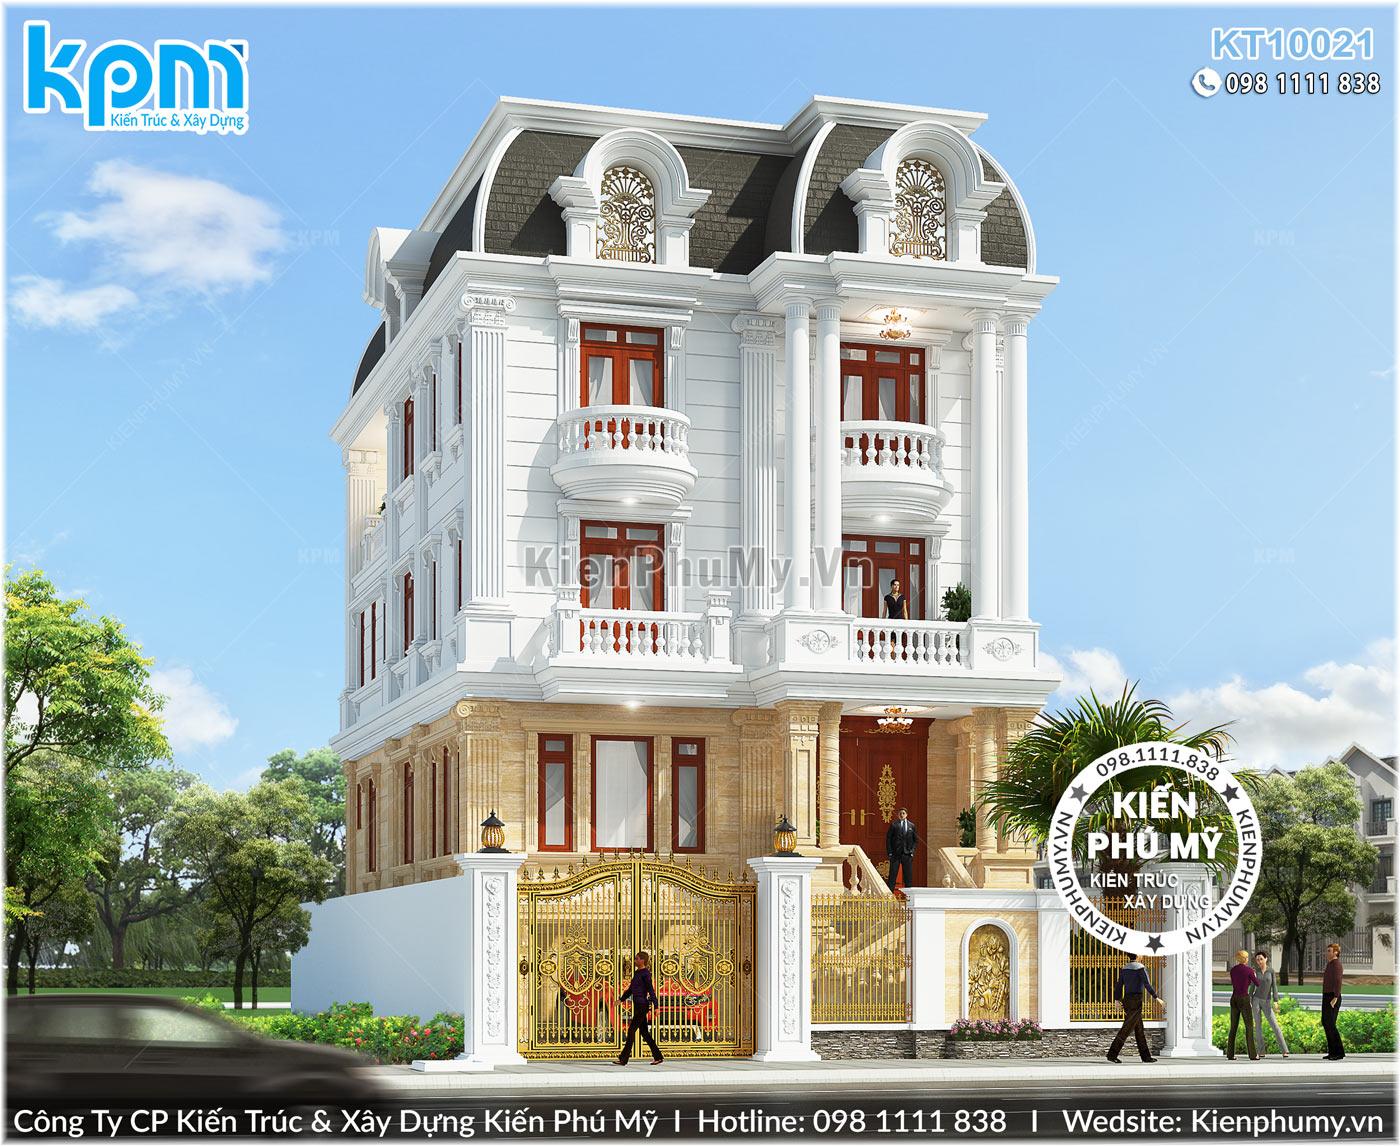 Mẫu thiết kế biệt thự 4 tầng kiến trúc cổ điển sang trọng